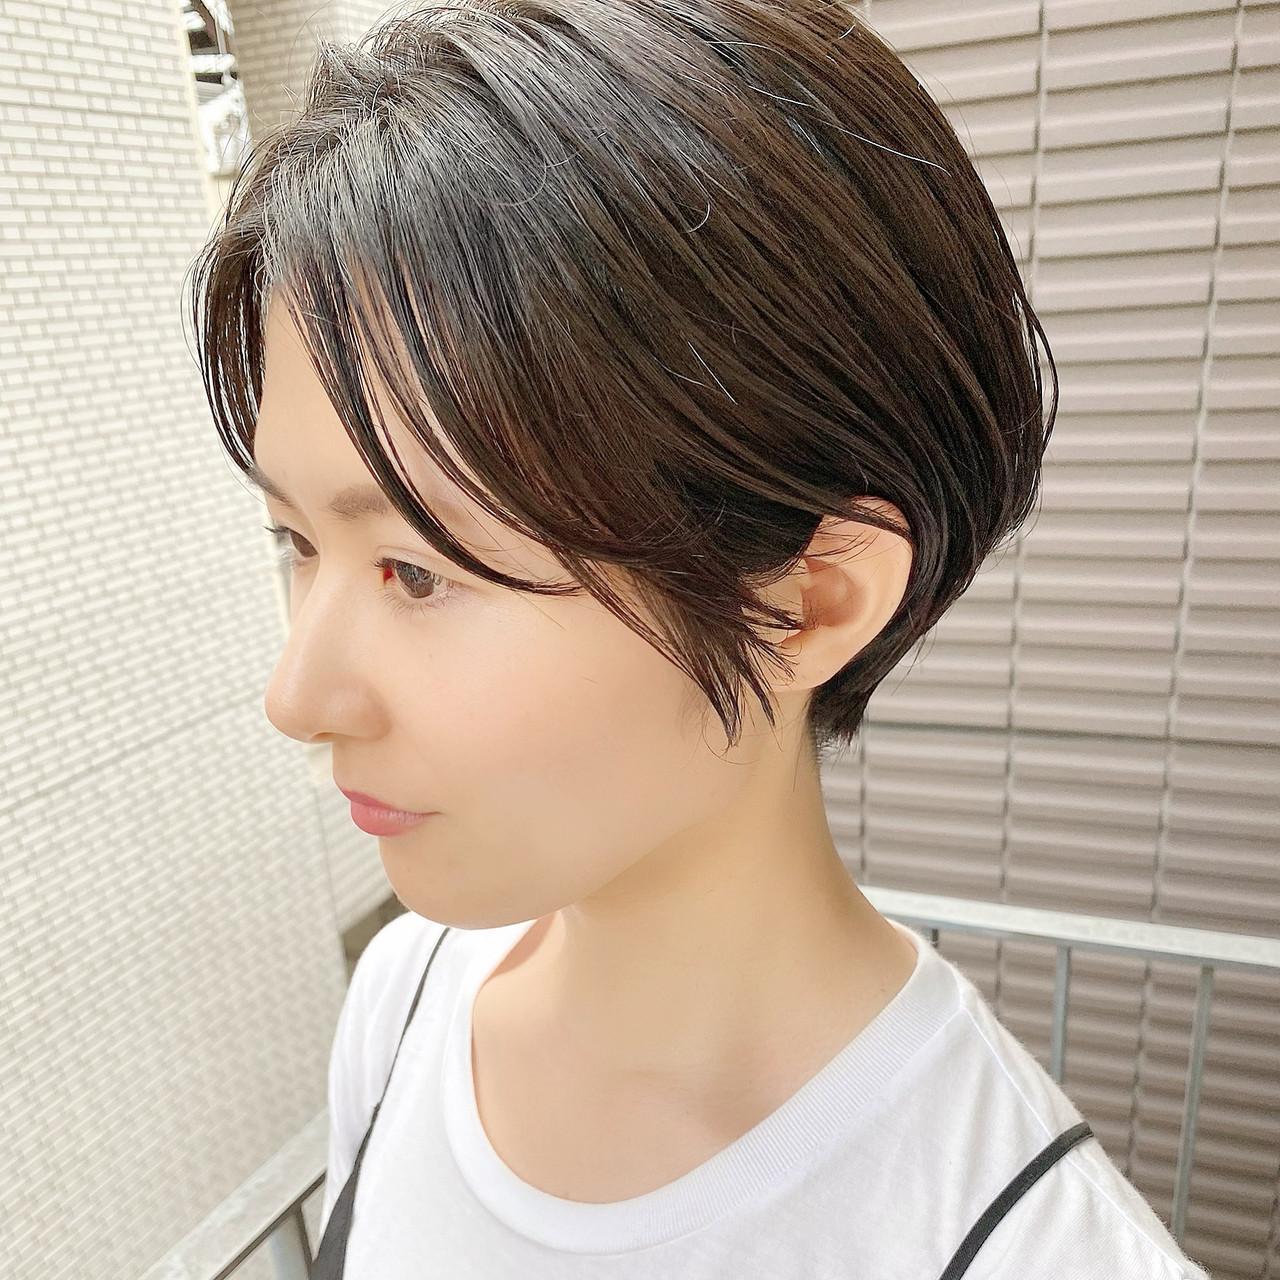 ショートヘア ショートボブ デート ショート ヘアスタイルや髪型の写真・画像 | 大人可愛い【ショート・ボブが得意】つばさ / VIE